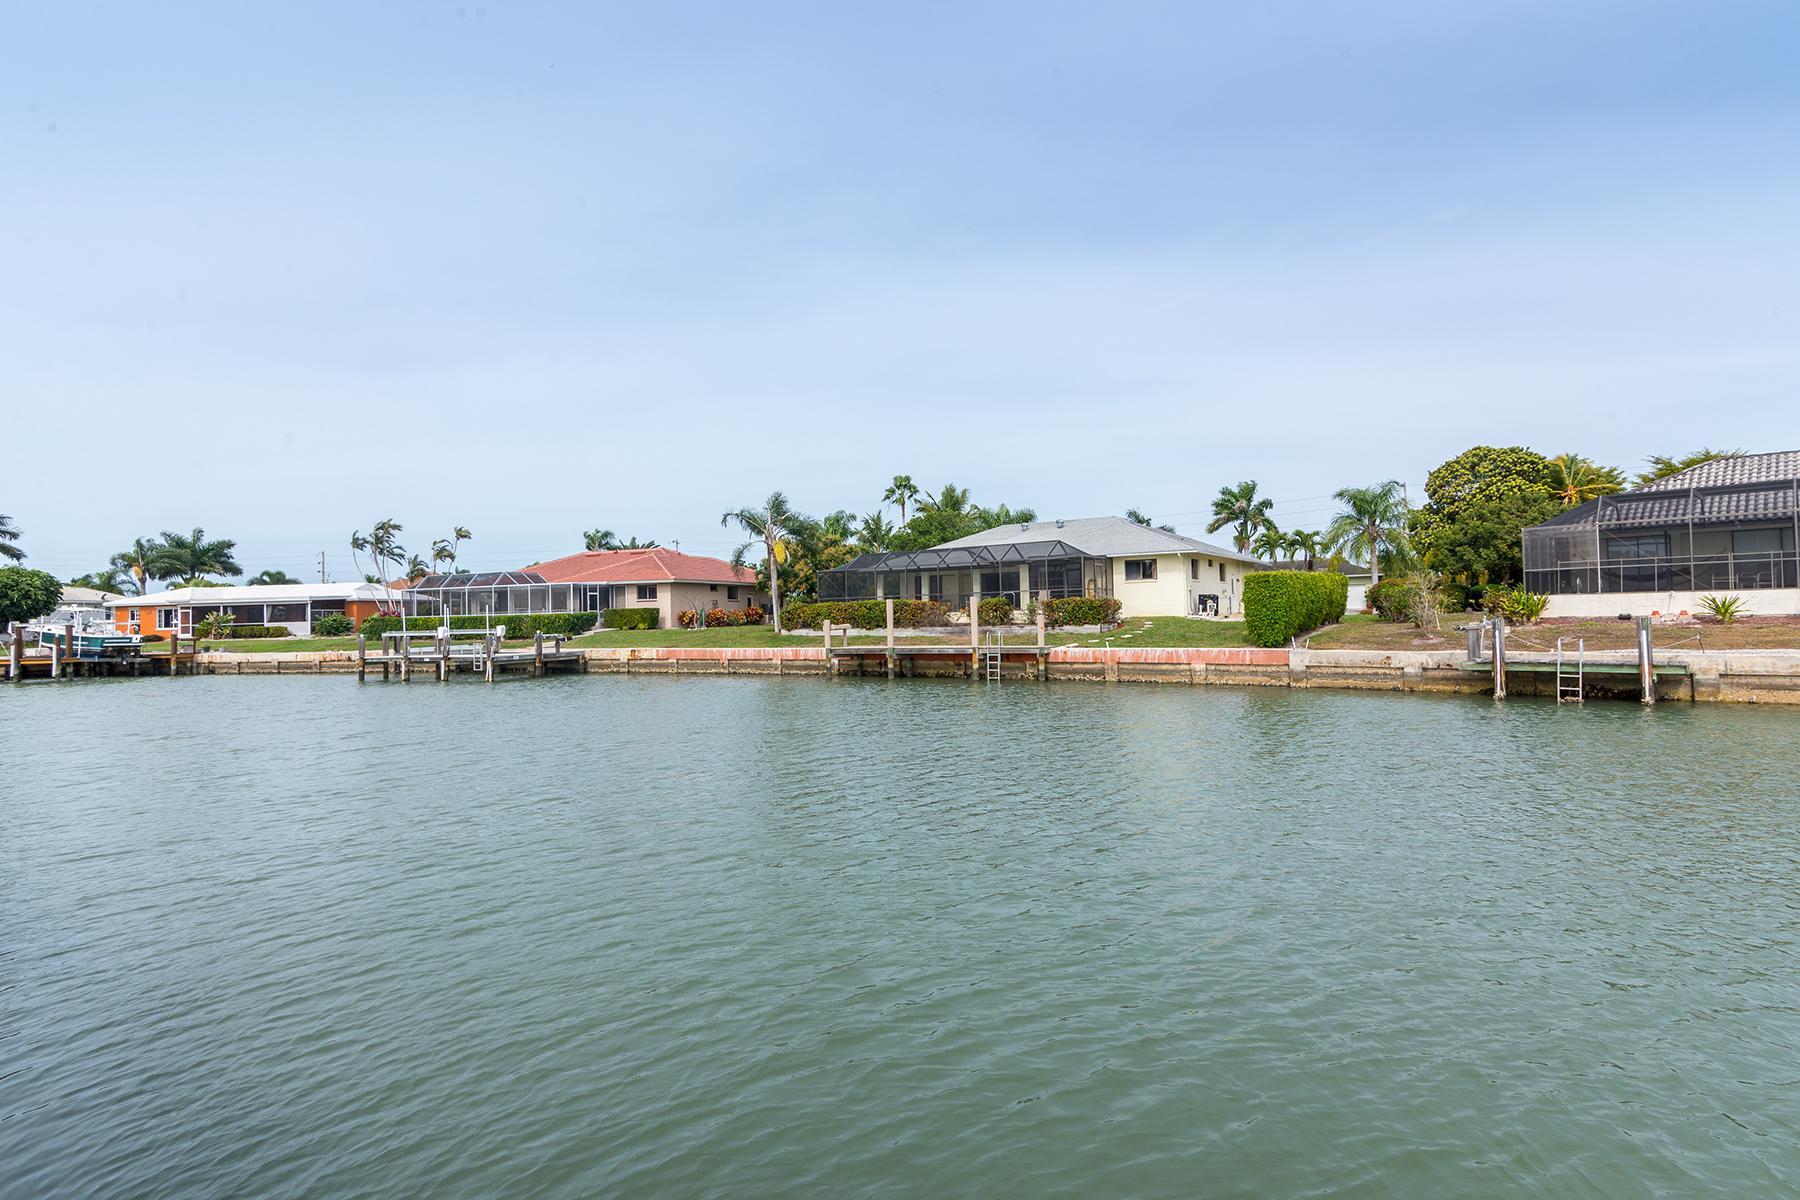 Земля для того Продажа на MARCO ISLAND - JUNIPER COURT 913 Juniper Ct Marco Island, Флорида 34145 Соединенные Штаты